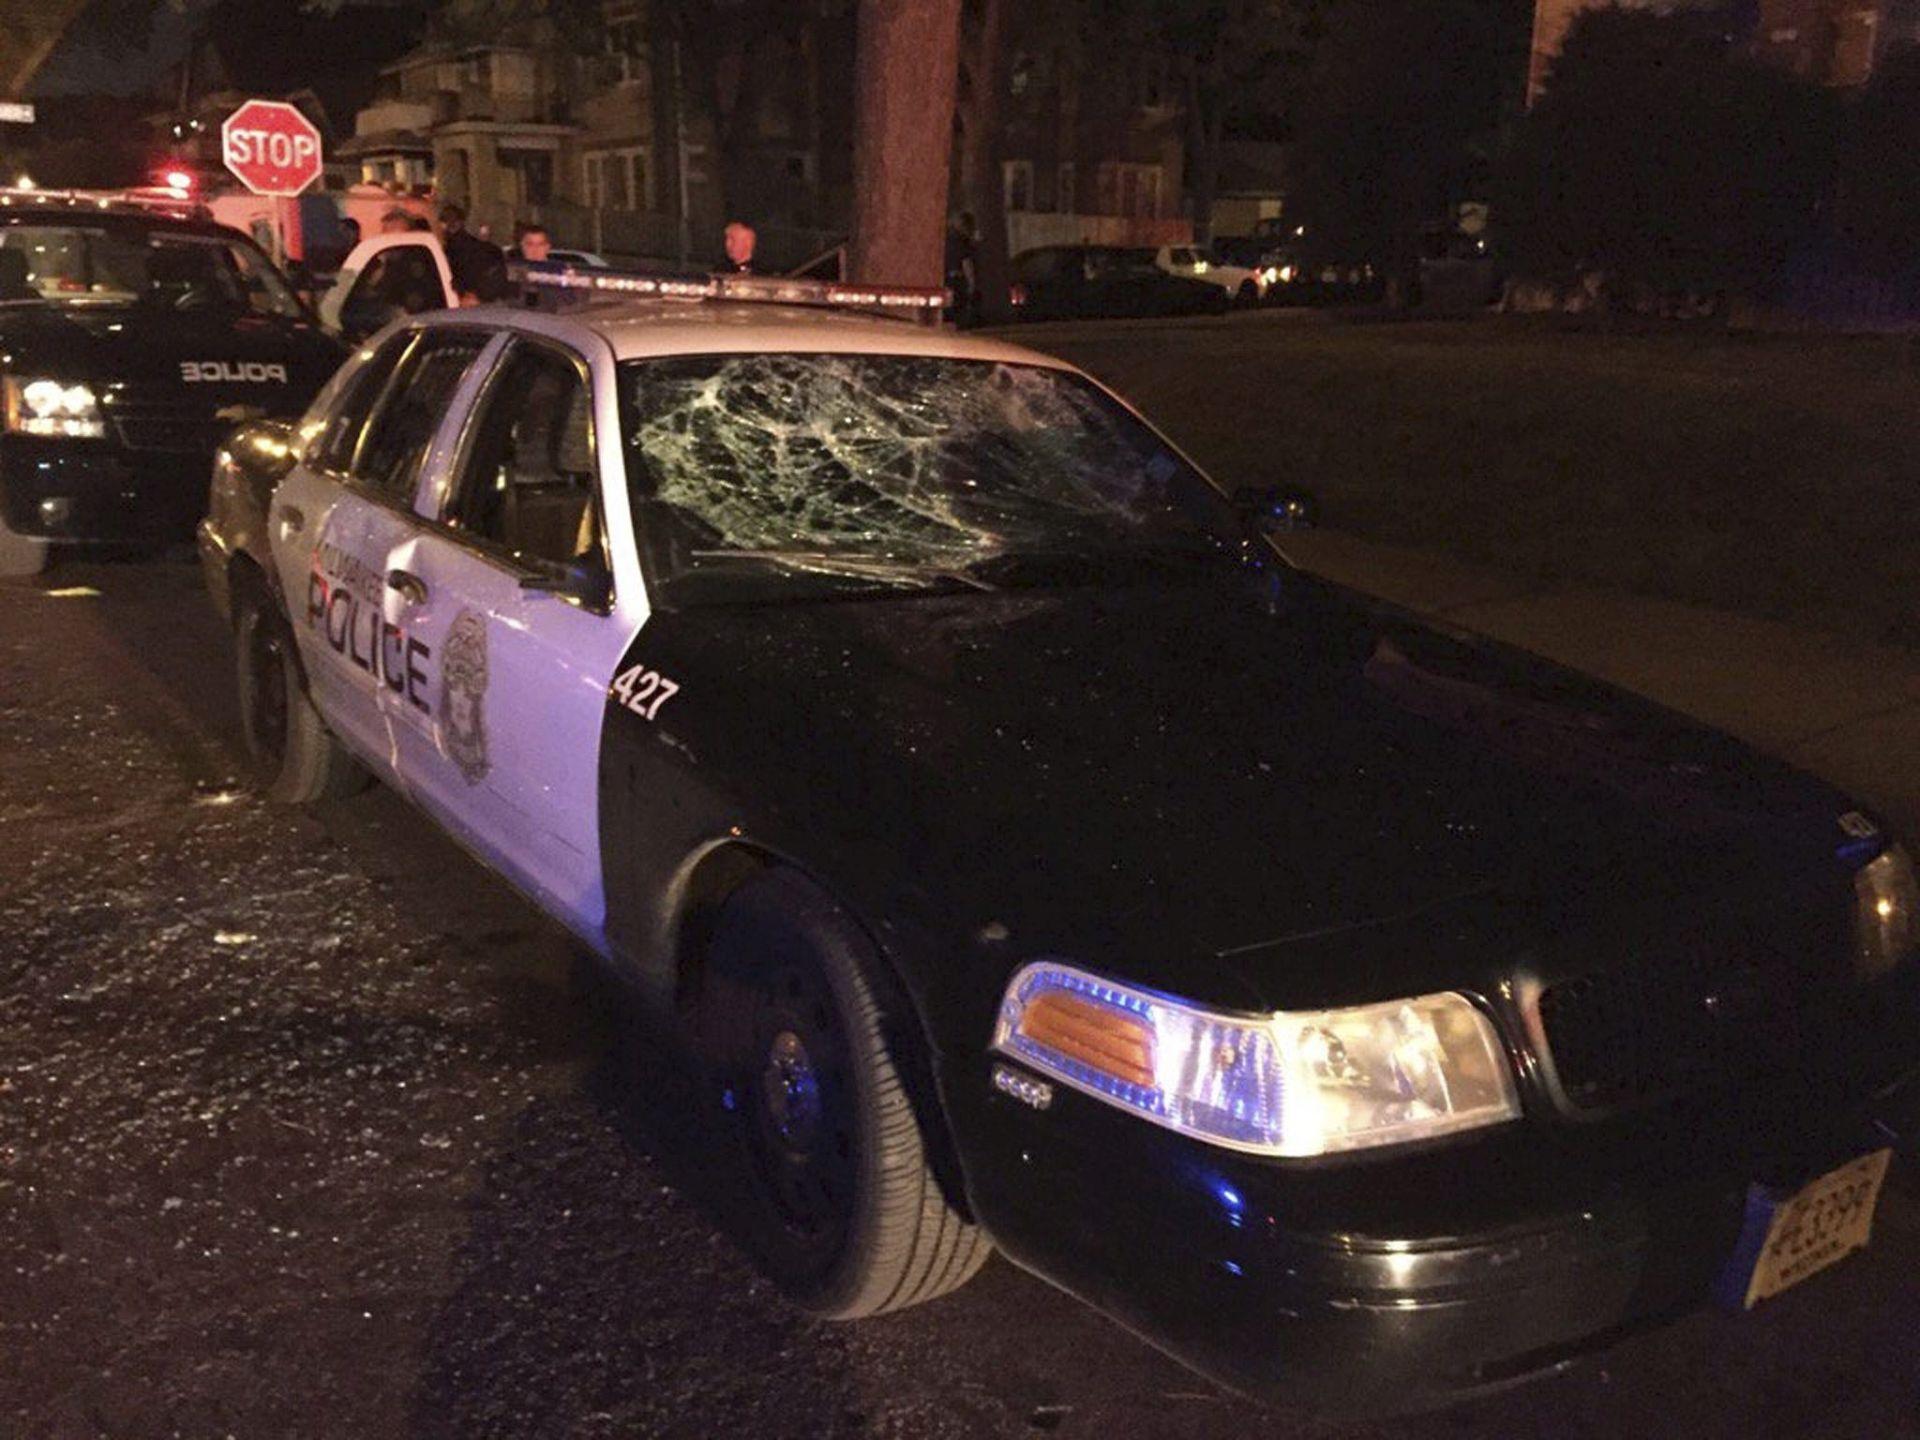 PROSVJEDI U MILWAUKEEJU: Nakon što je policajac ubio sumnjivca, prosvjednici pucali i podmetnuli požar